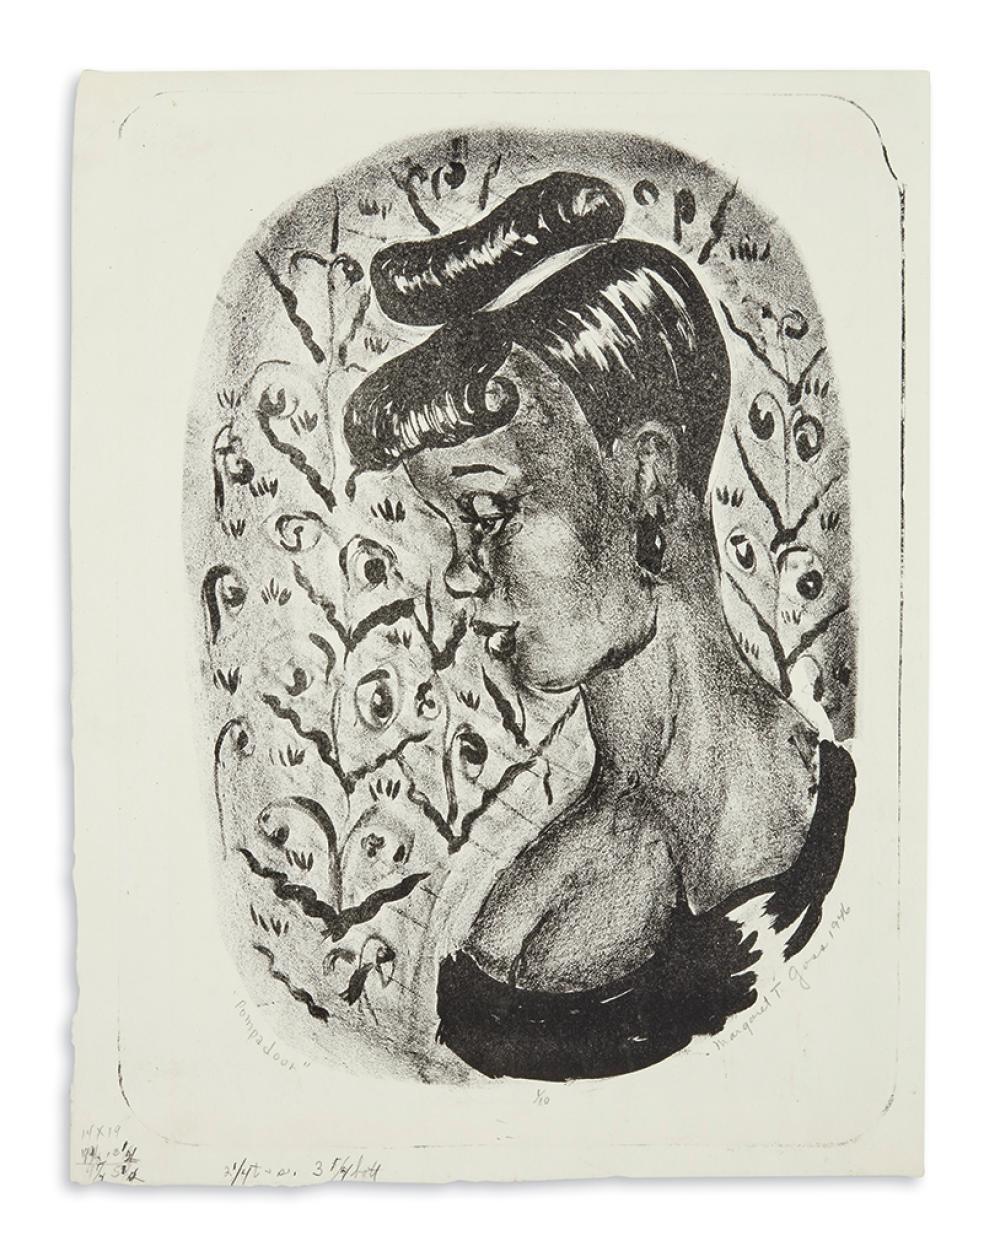 (ART.) Burroughs, Margaret; artist. Pompadour.